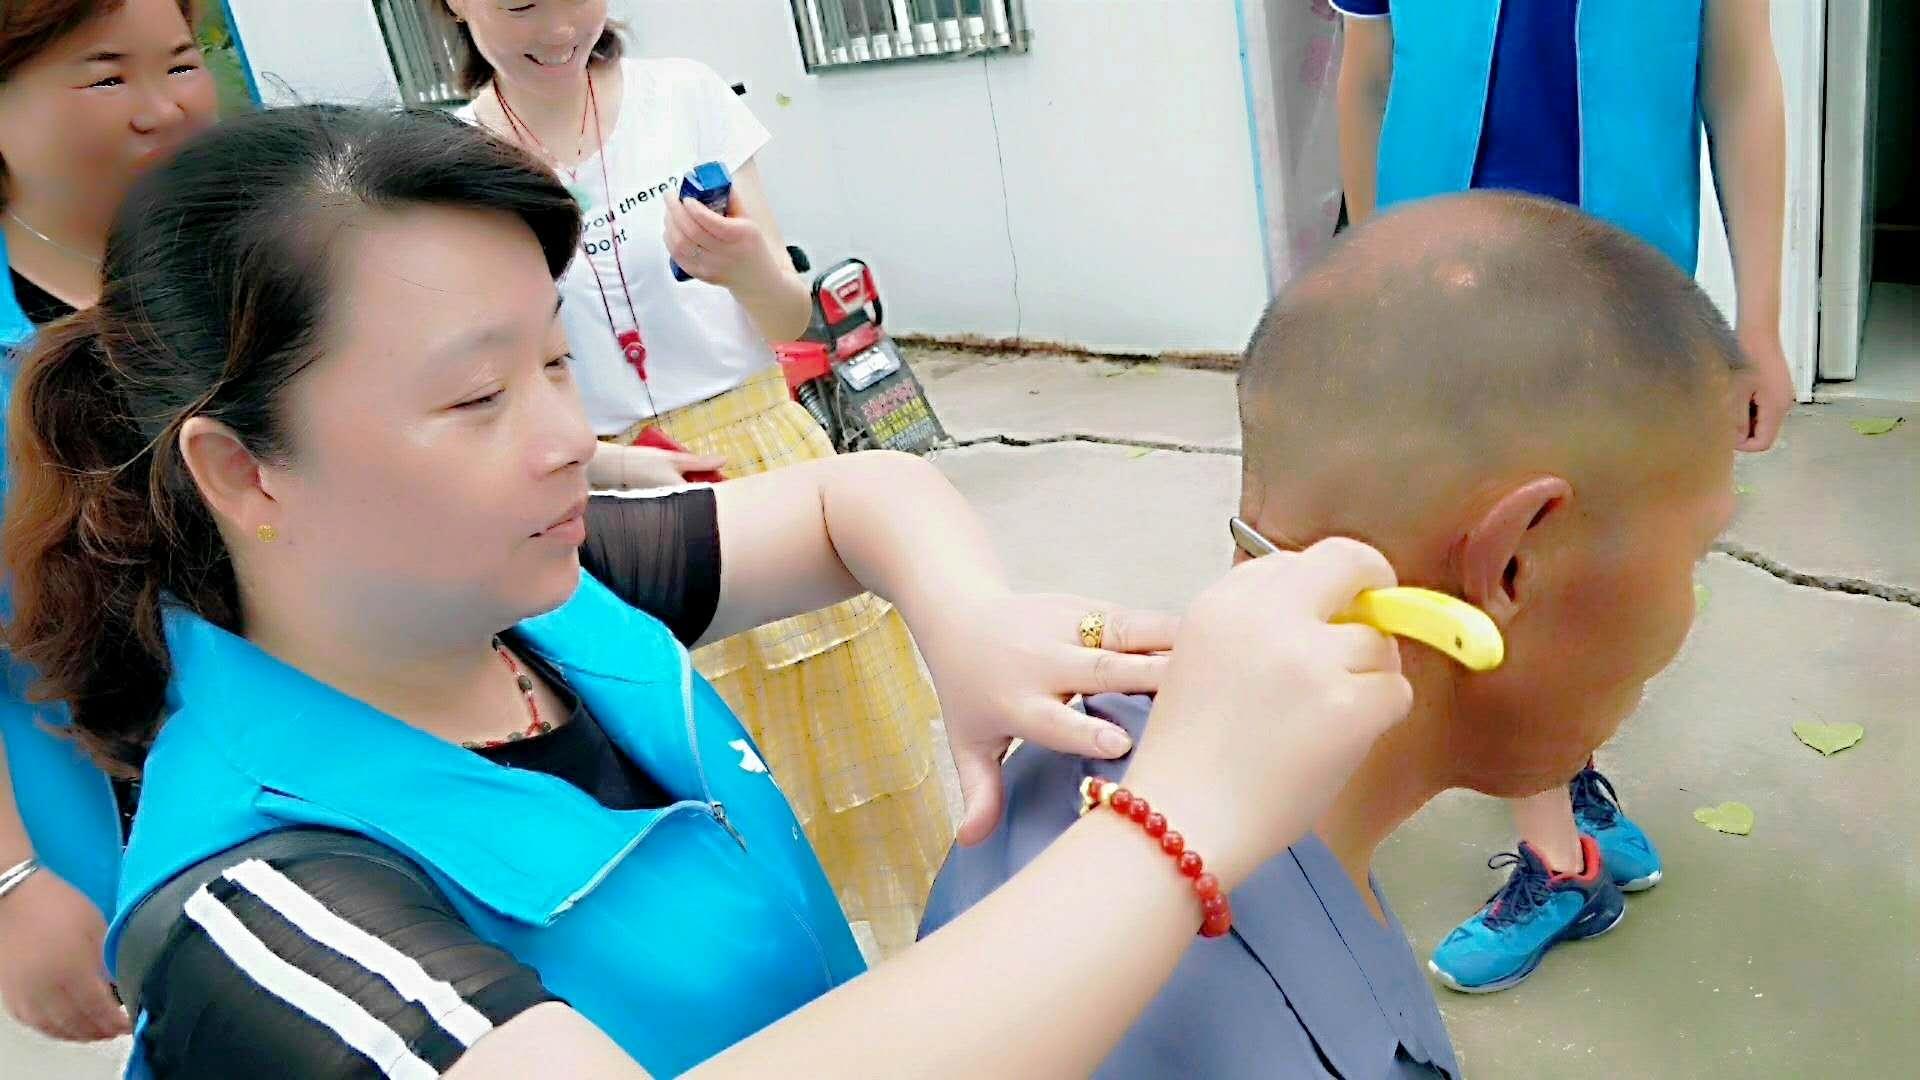 宝应云鸽爱心协会为渔民老人免费理发服务